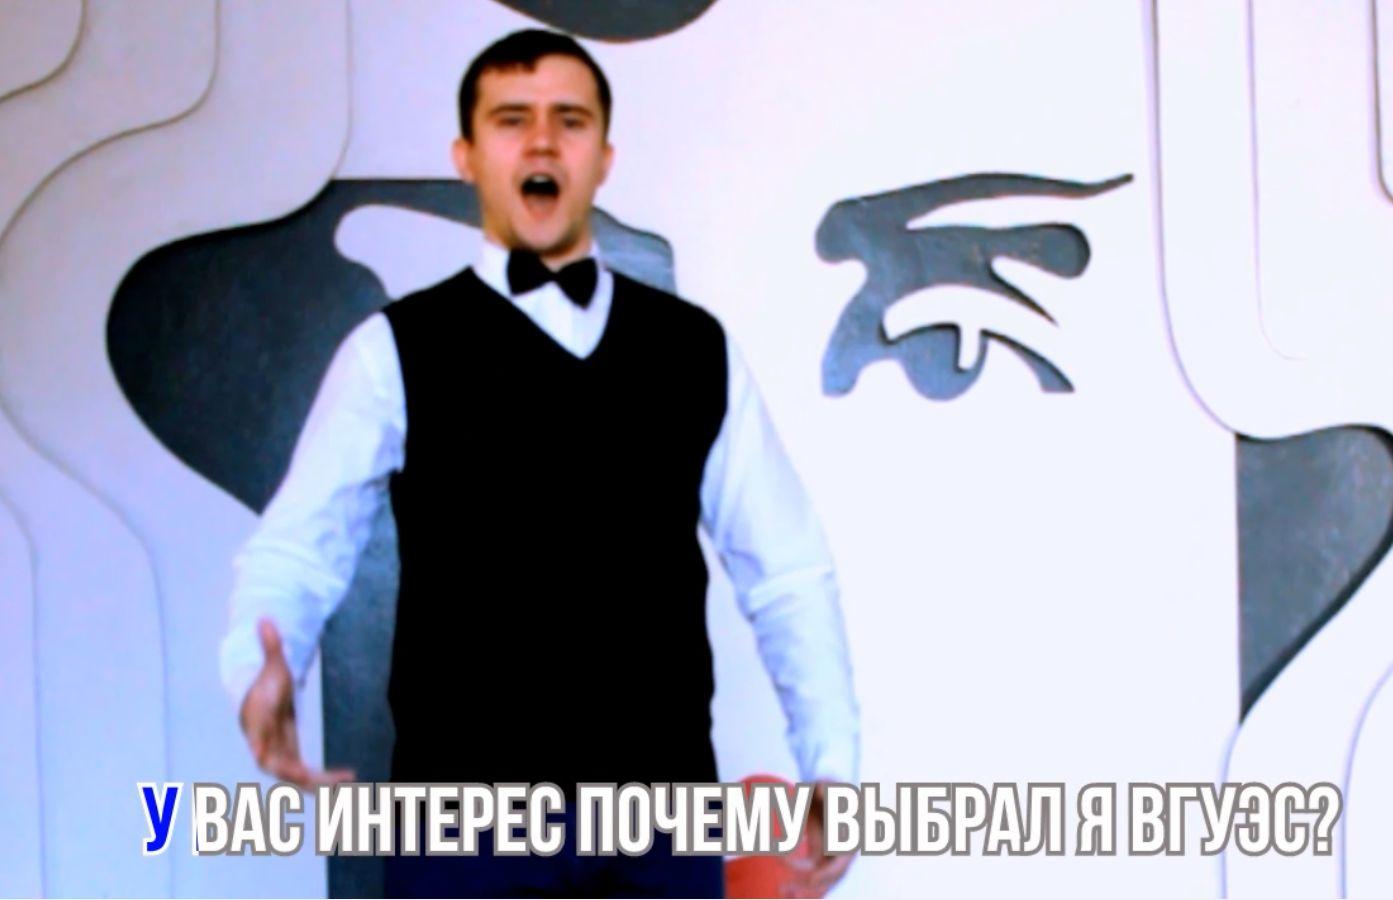 Песня о ВГУЭС: «ВГУЭС для меня». Музыка Д.Россини, слова Вадима Старовойтова